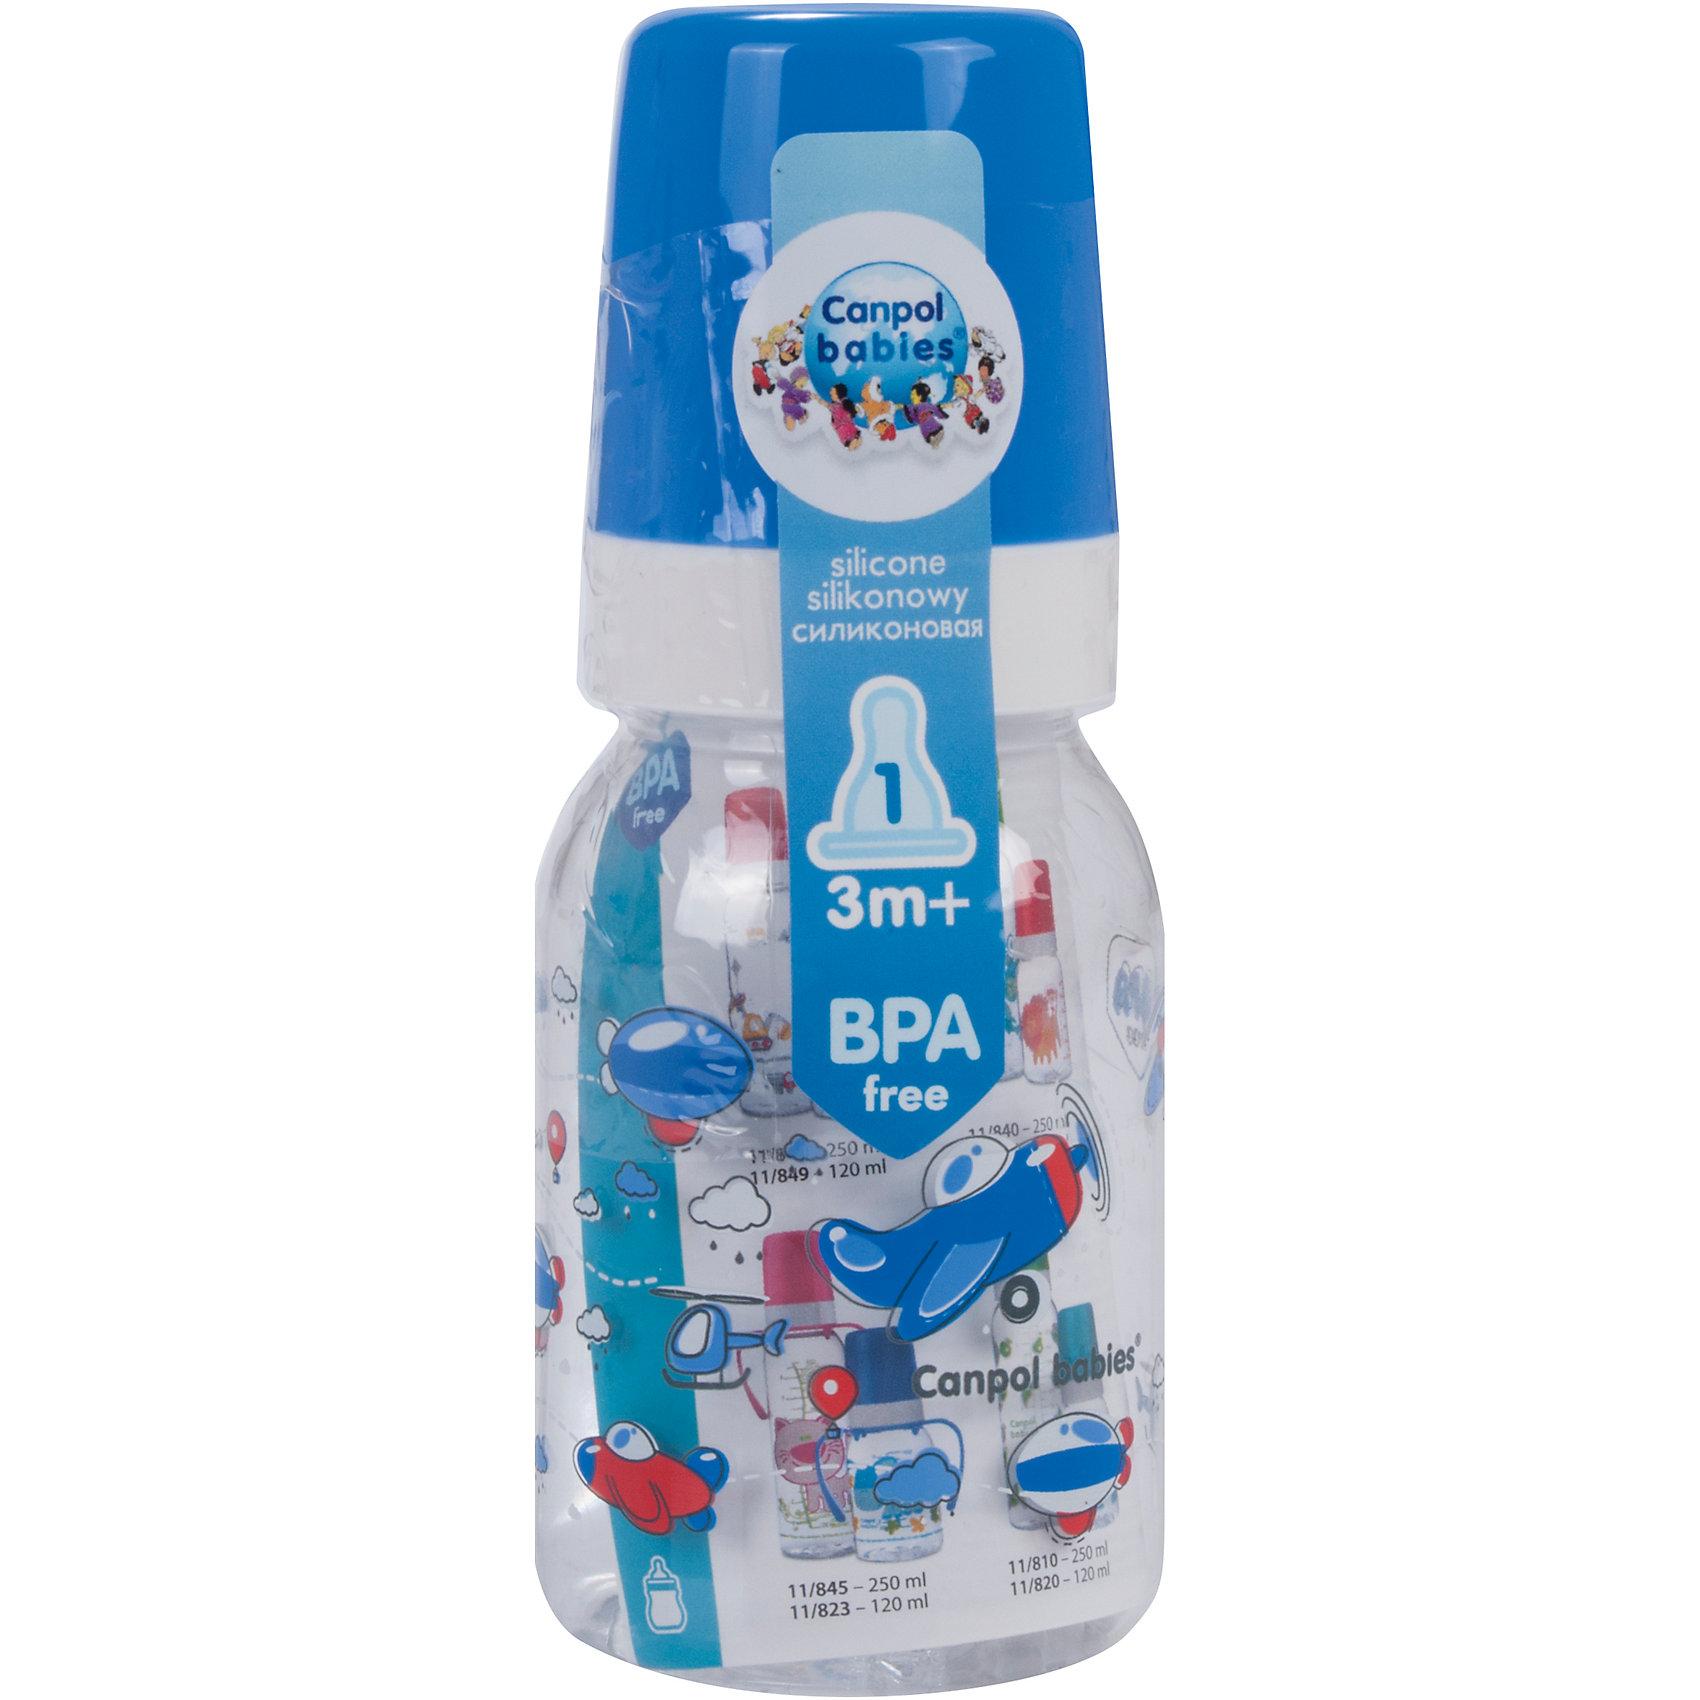 Canpol Babies Бутылочка тритановая (BPA 0%) с сил. соской, 120 мл. 3+ Machines, Canpol Babies, синий canpol babies бутылочка тритановая bpa 0